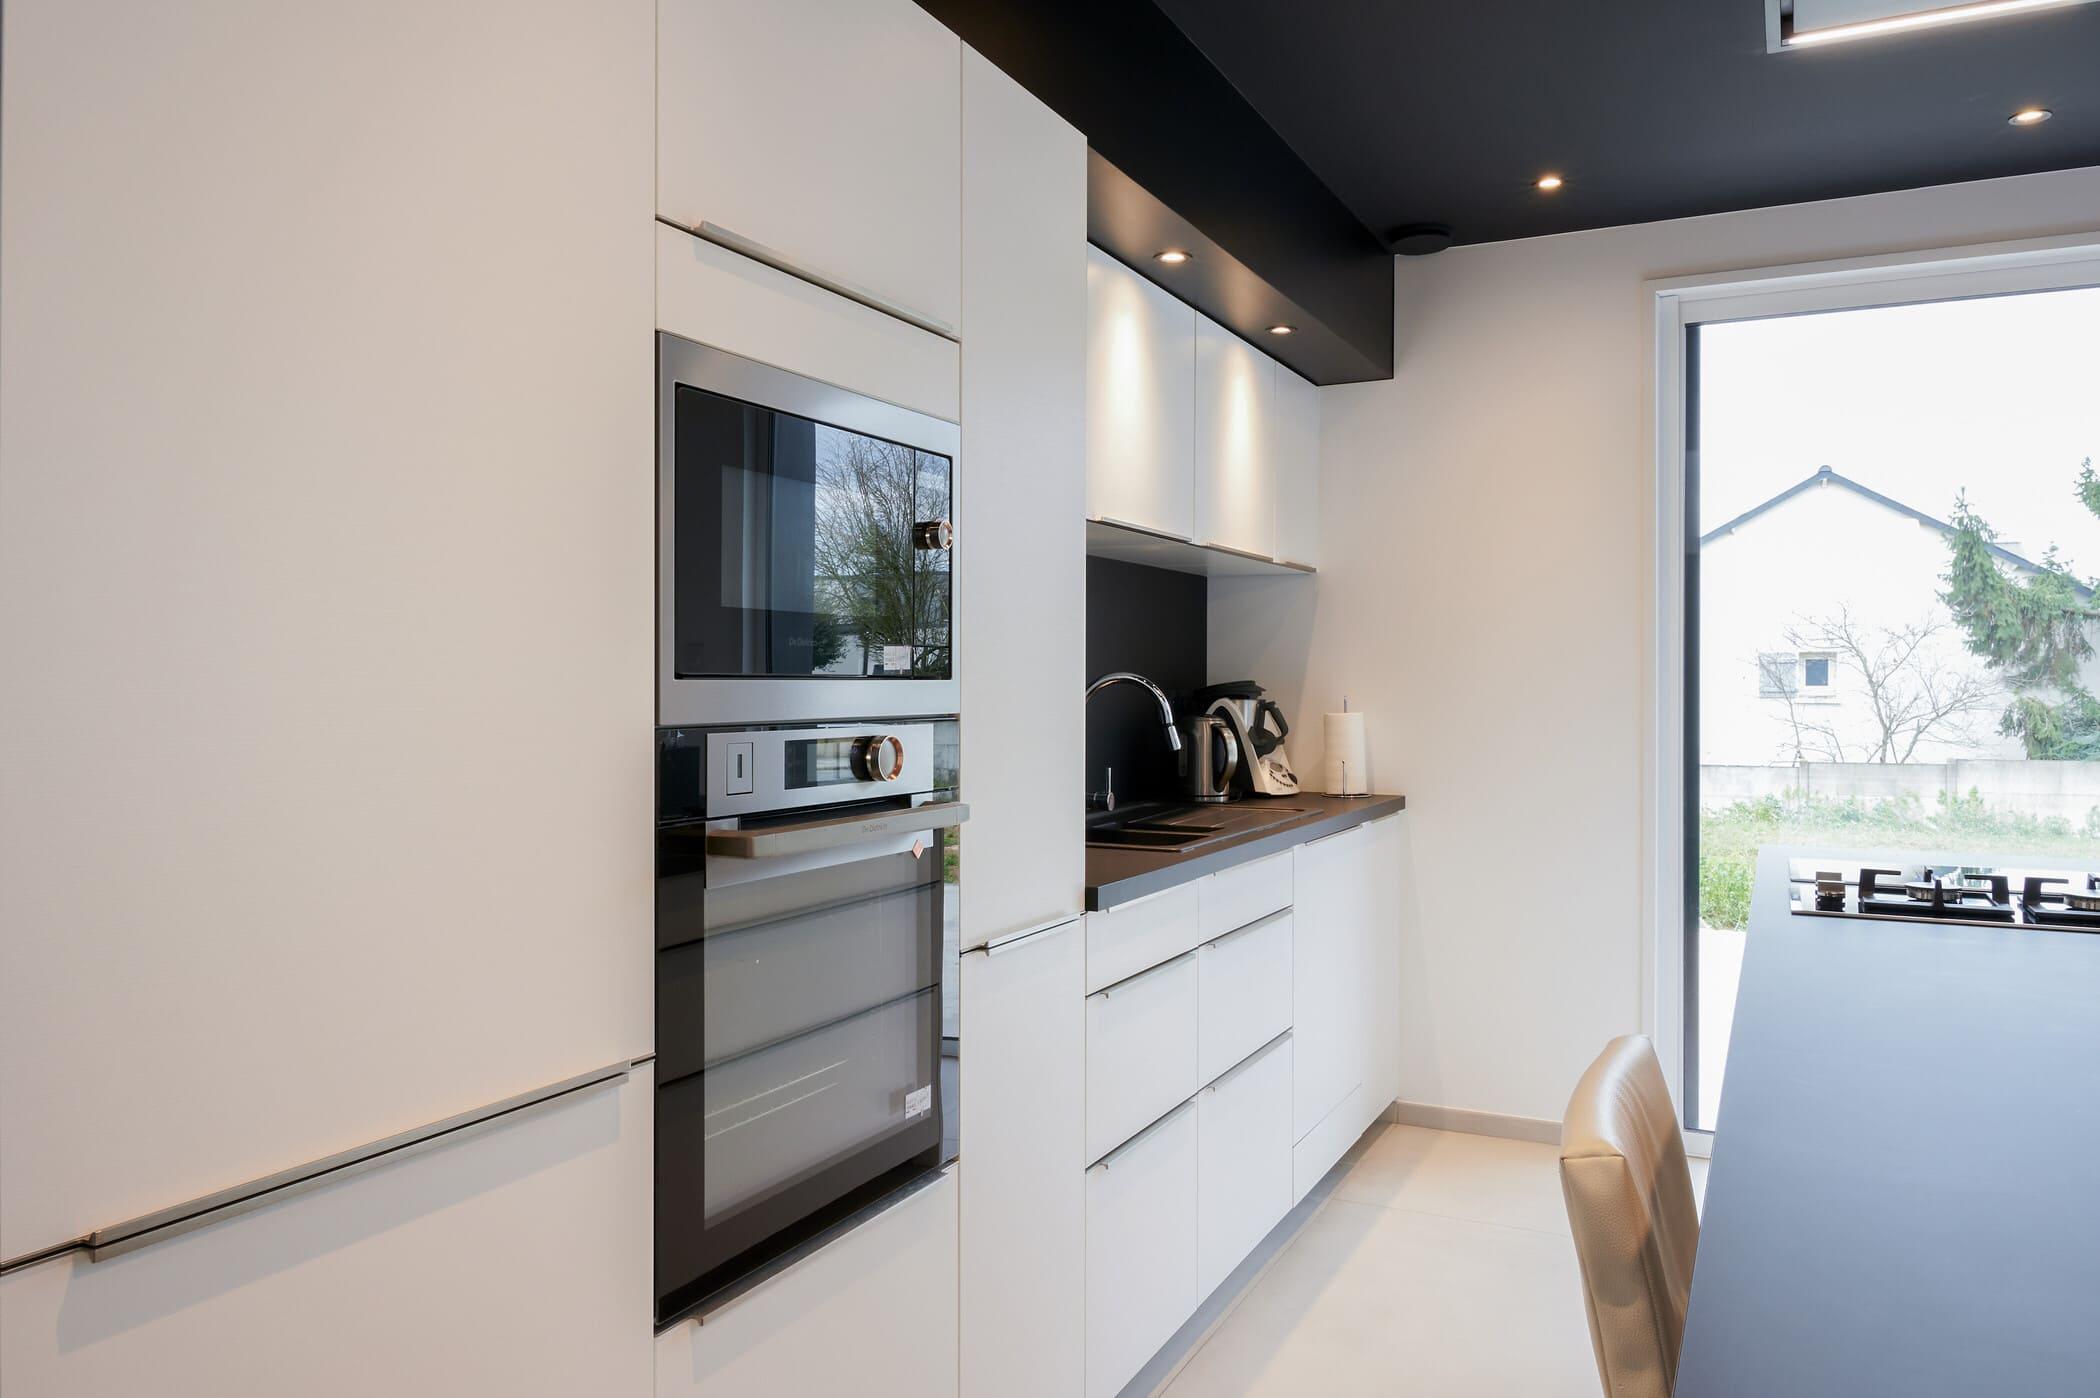 Cuisine ouverte design noire et blanche avec îlot central | Raison Home - 6